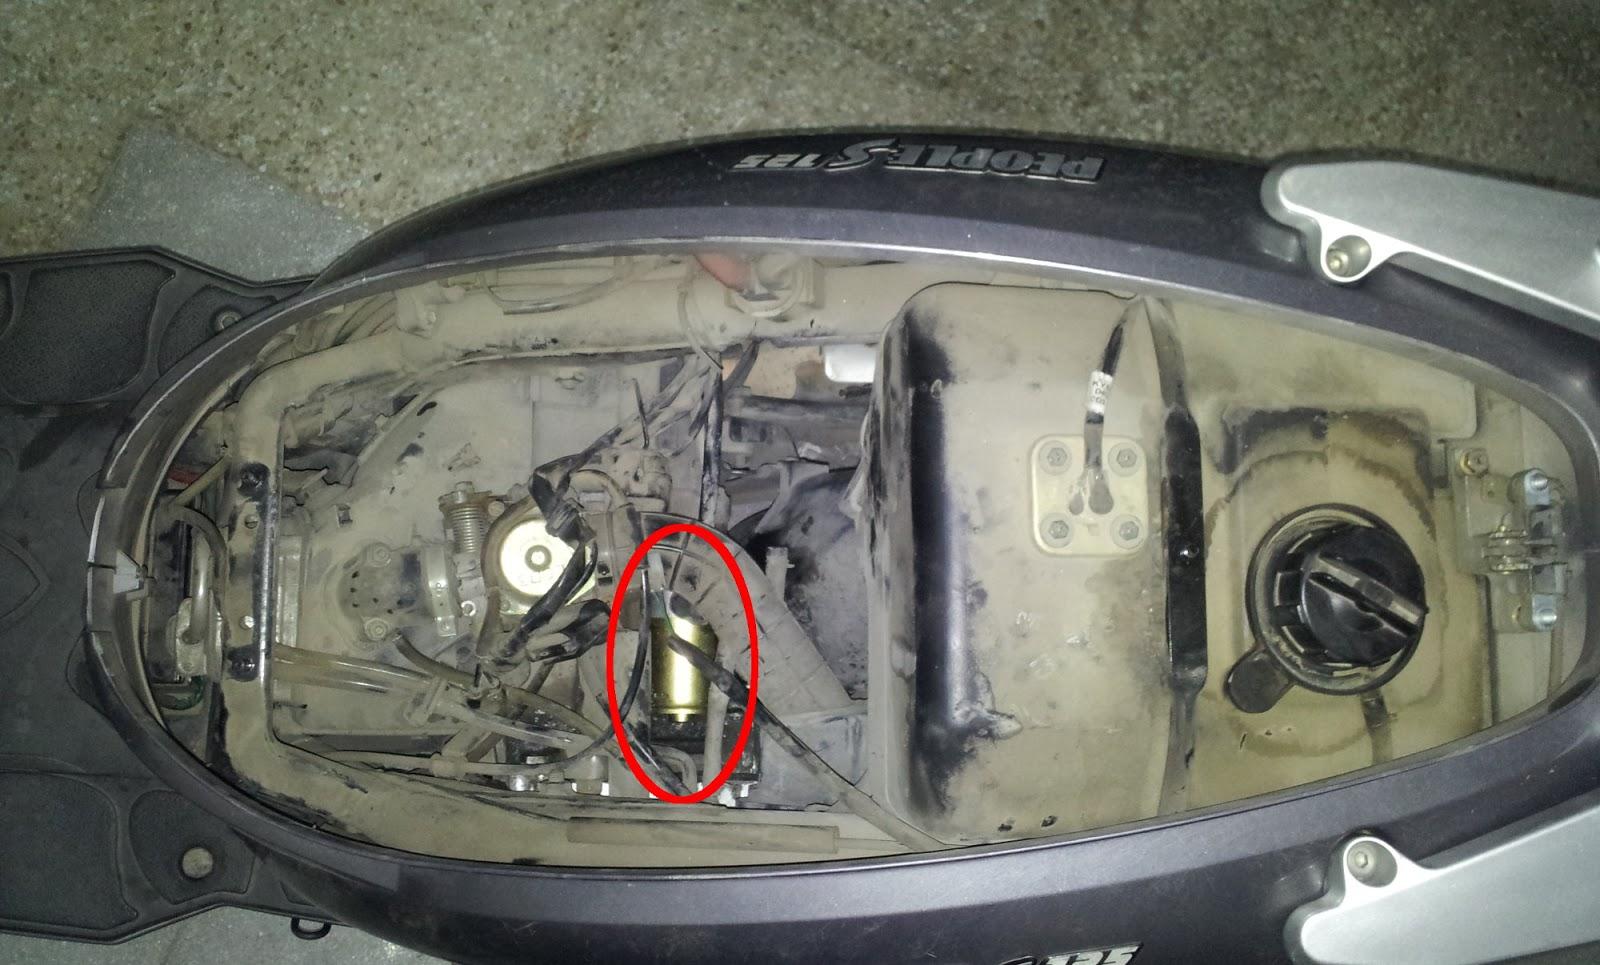 Desparramadas de sesos mi moto kymco people s 125 no arranca for Donde reparar mi roomba